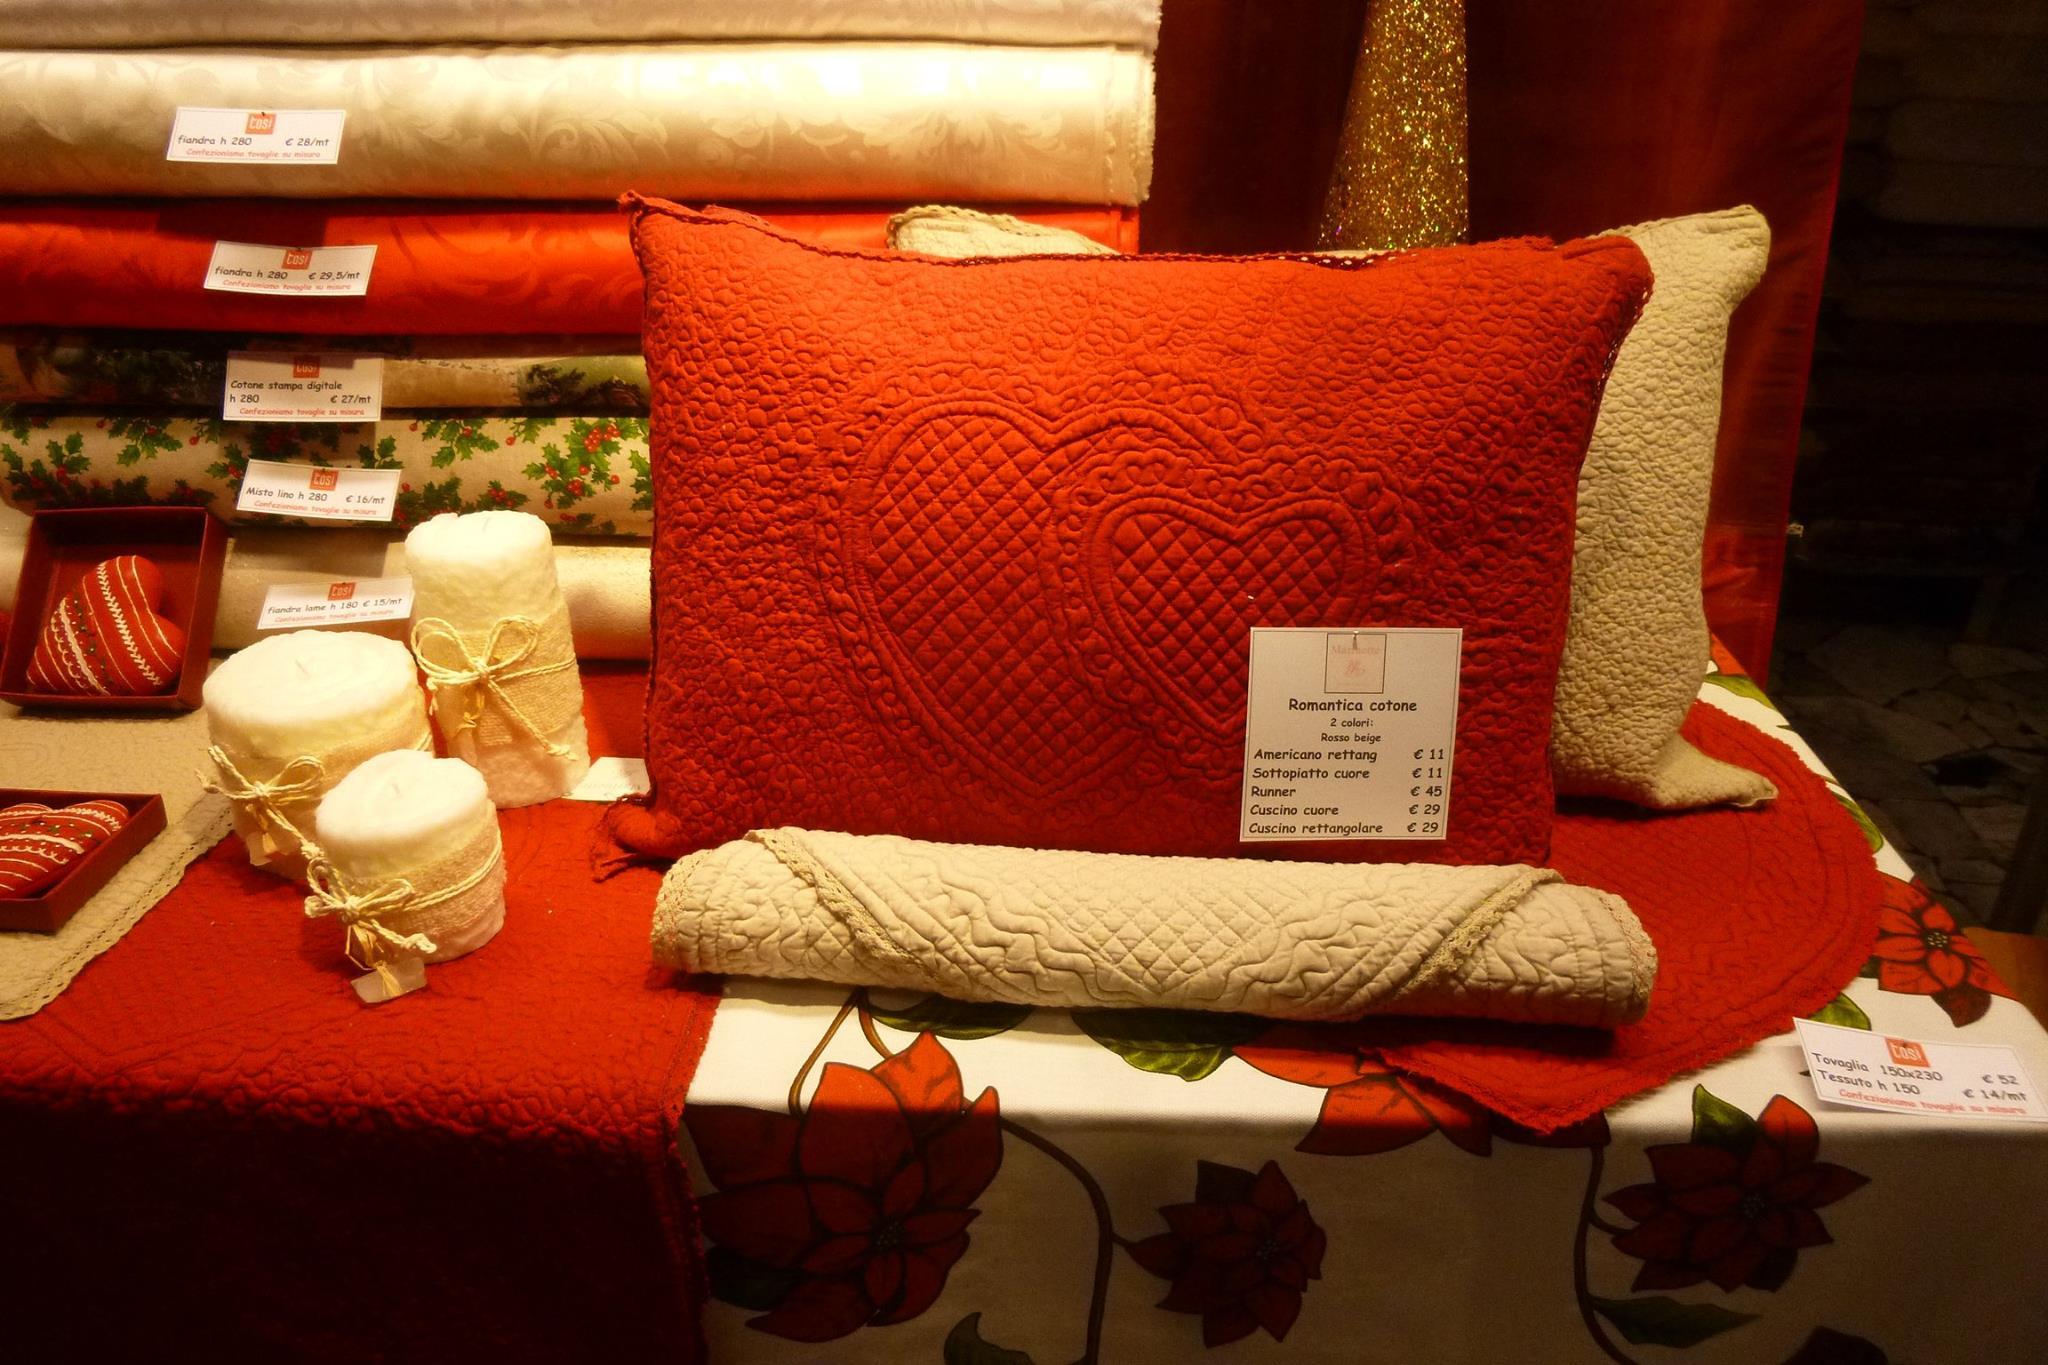 Marinette natale copia tessuti stoffe e biancheria - Fiera biancheria per la casa ...